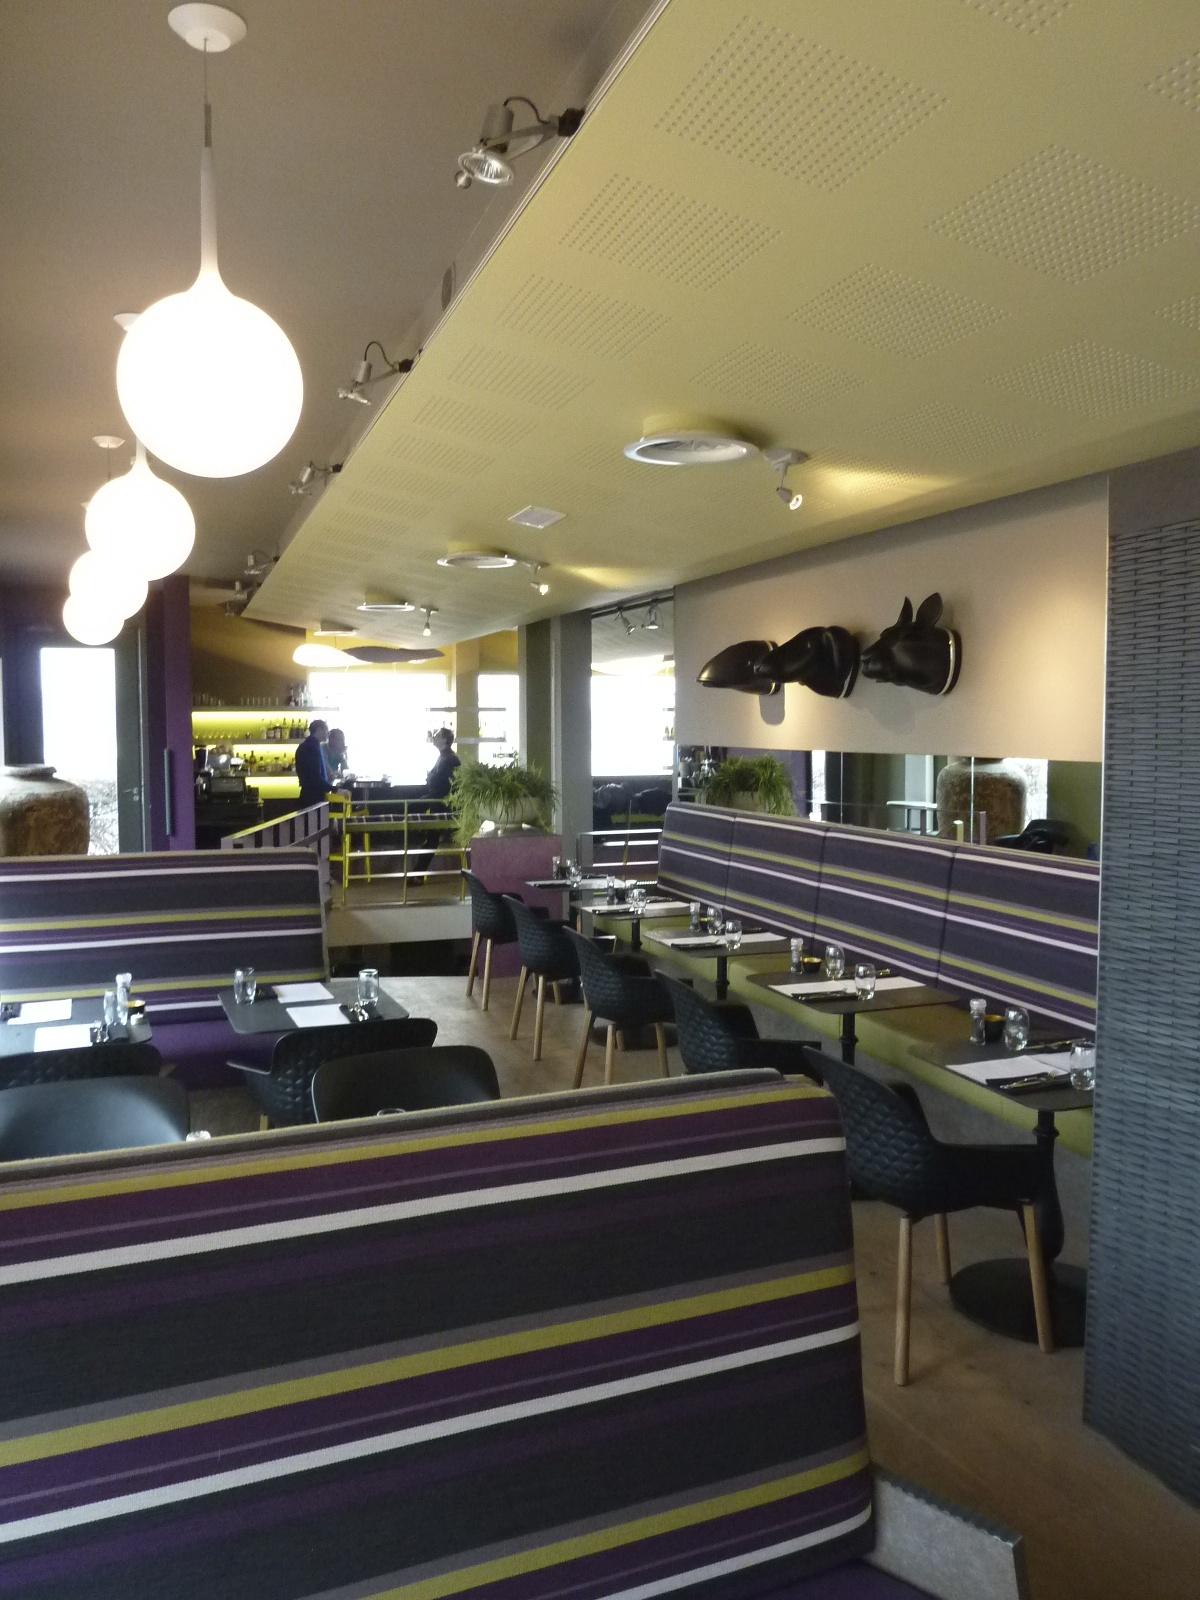 Inrichting restaurant Vaderland (Nijmegen) door Ward Schrijver, 2011. Foto met dank aan Ward Schrijver©